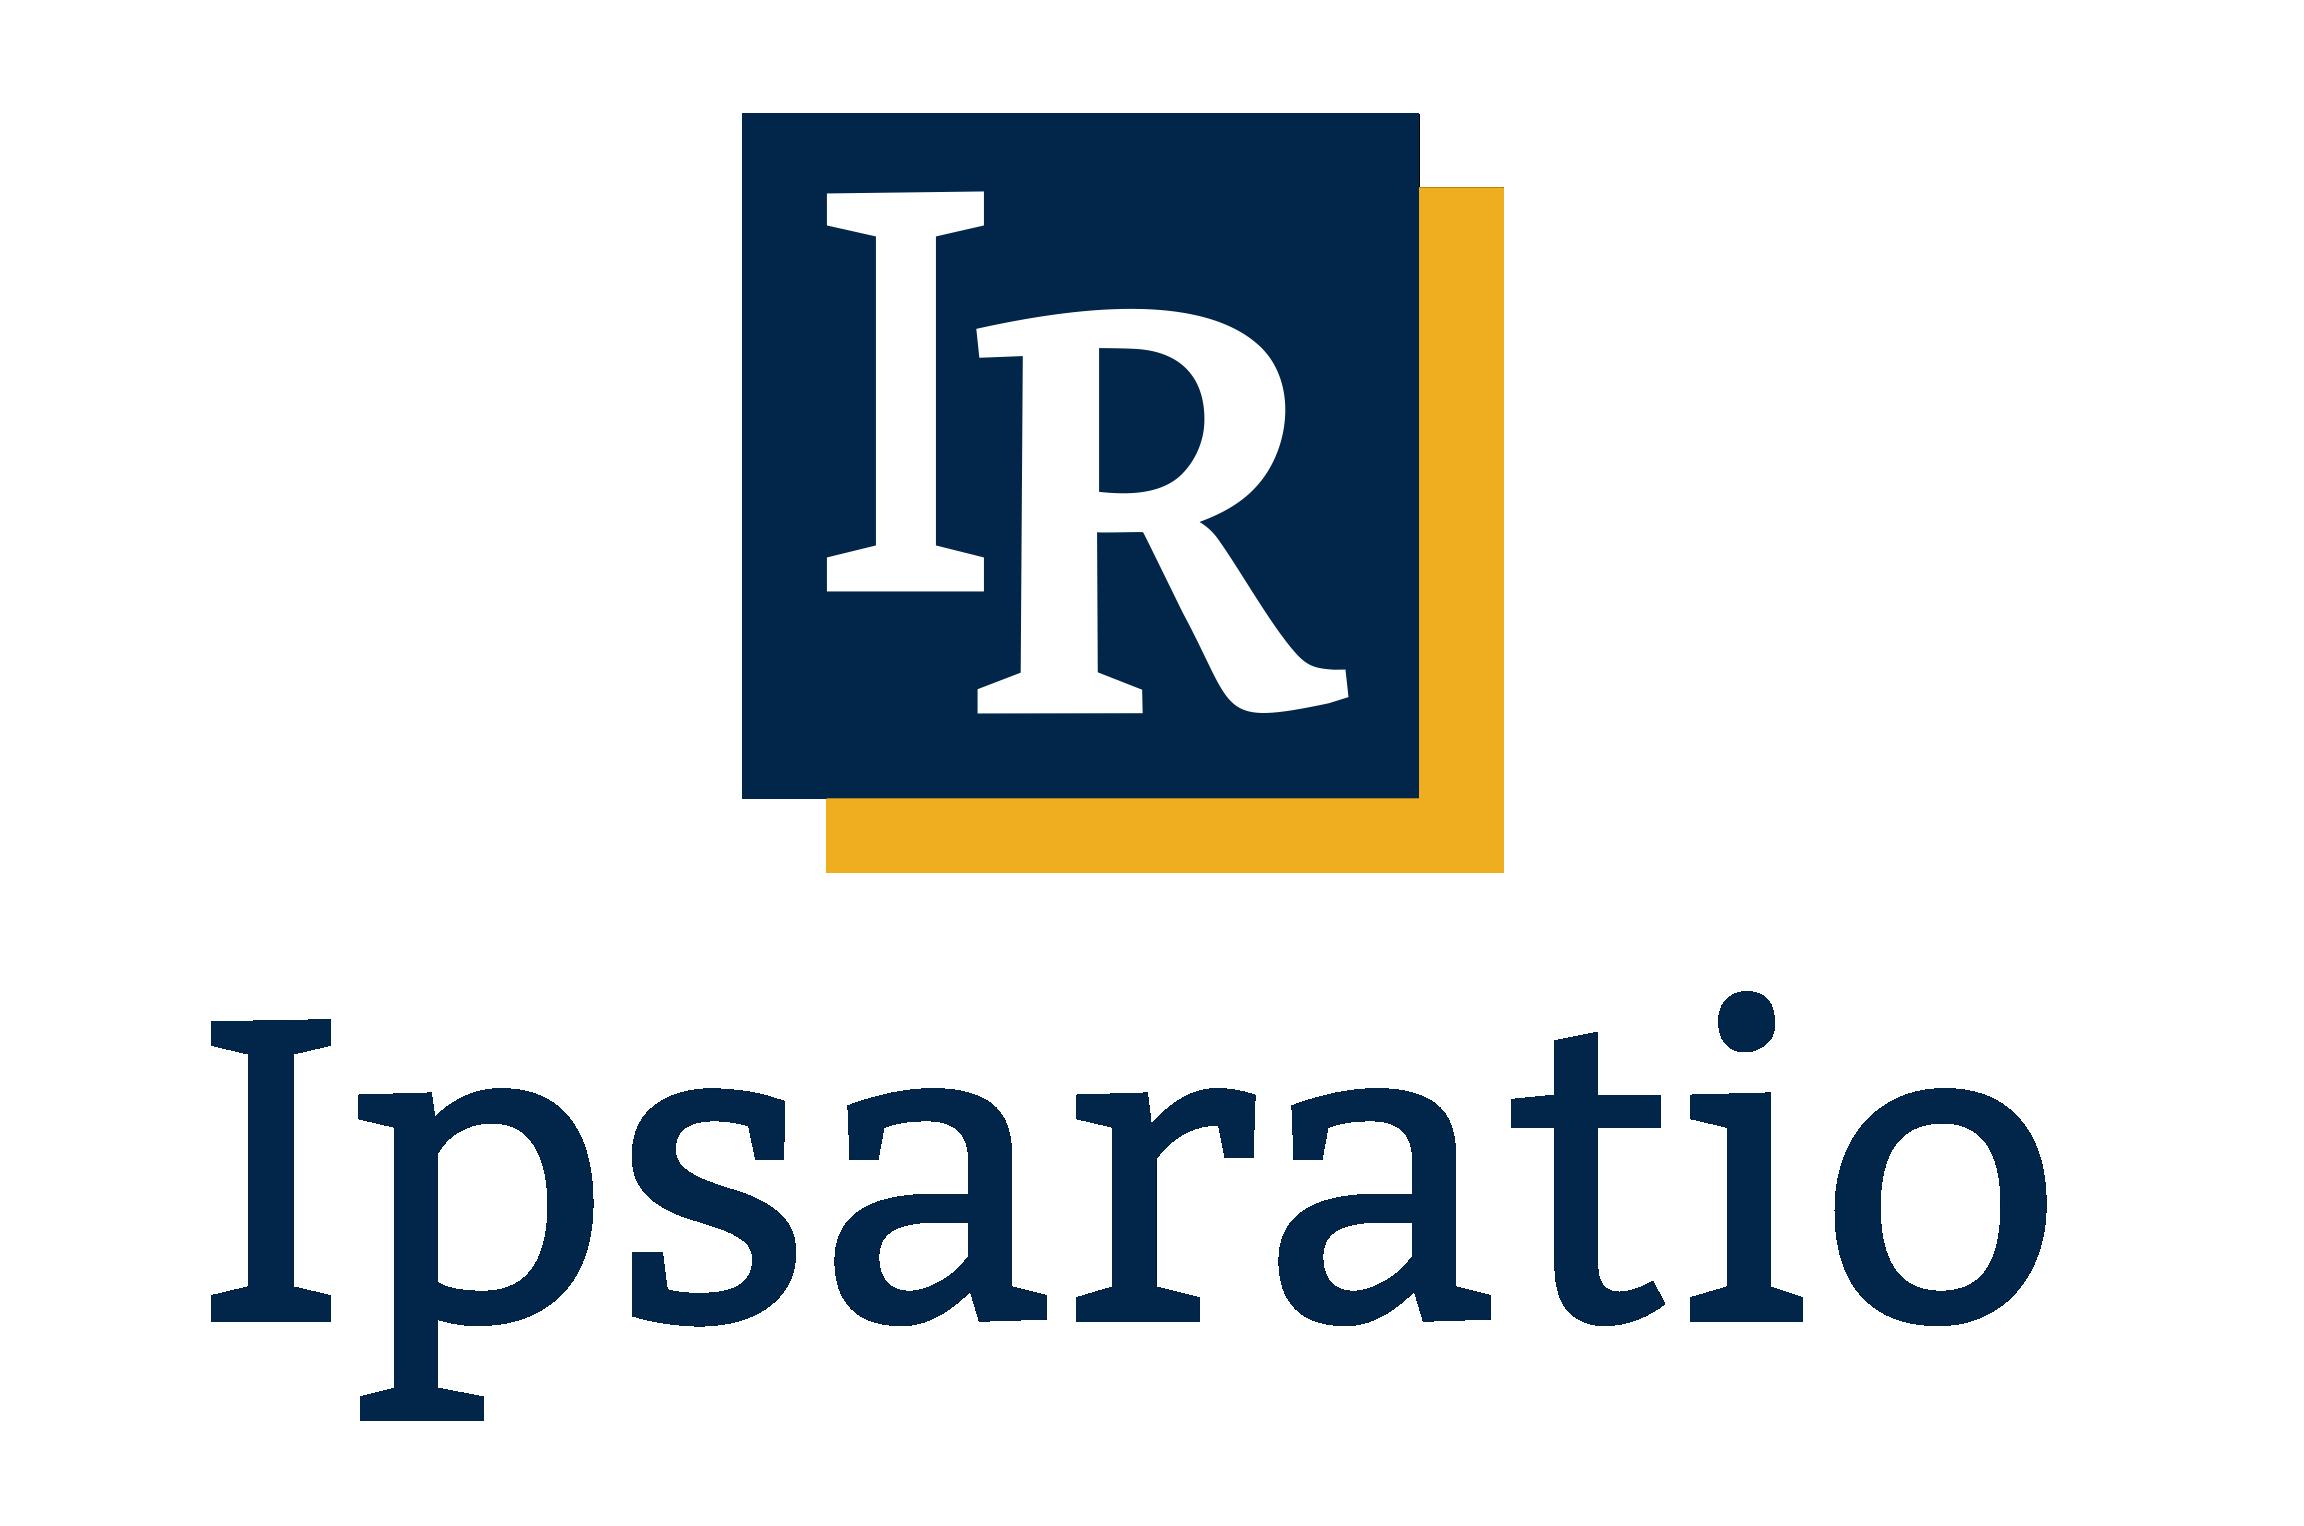 Ipsaratio